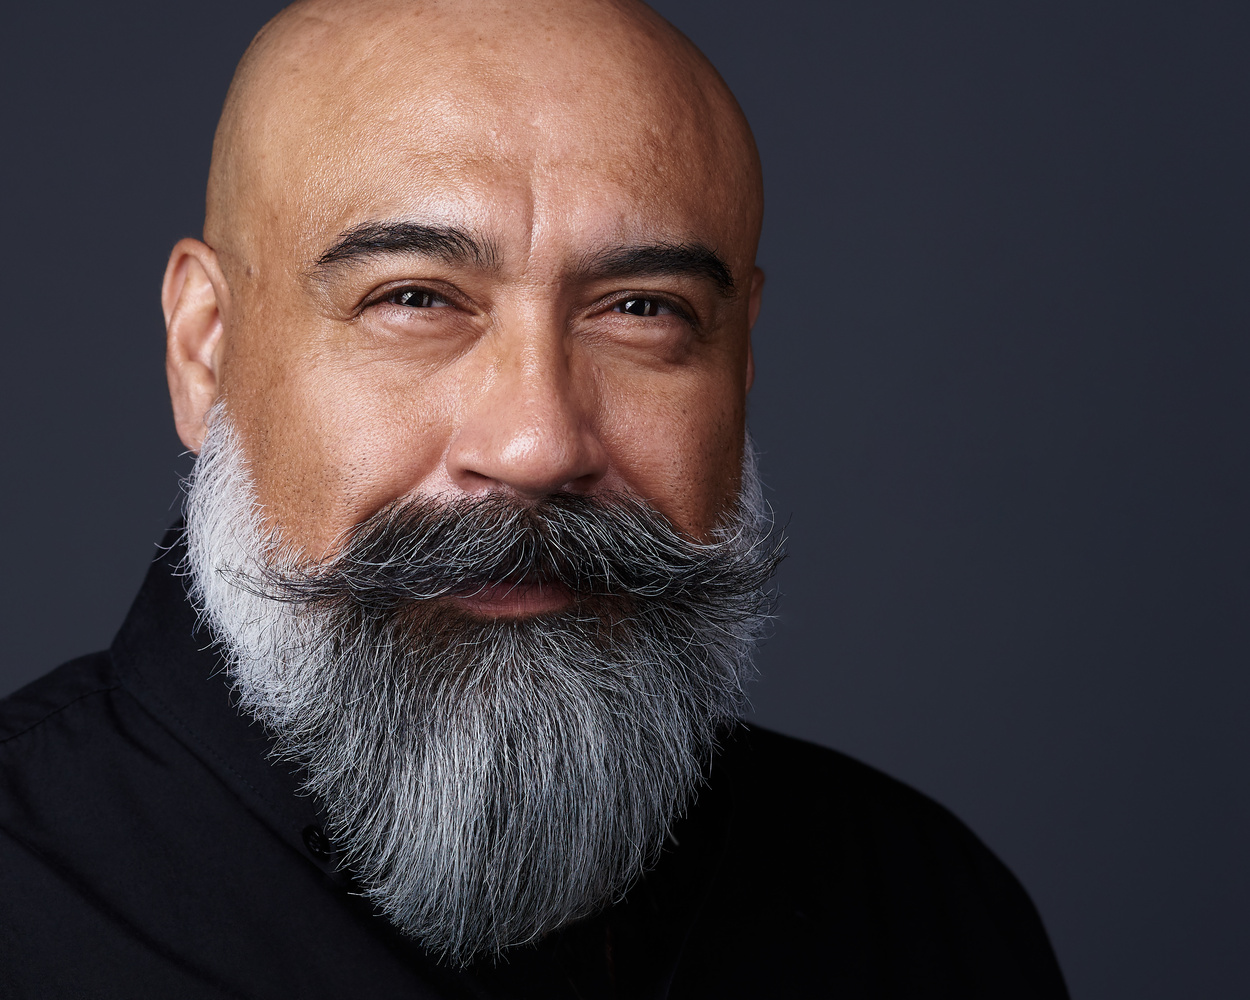 Victor Martinez by Egis Jurgaitis